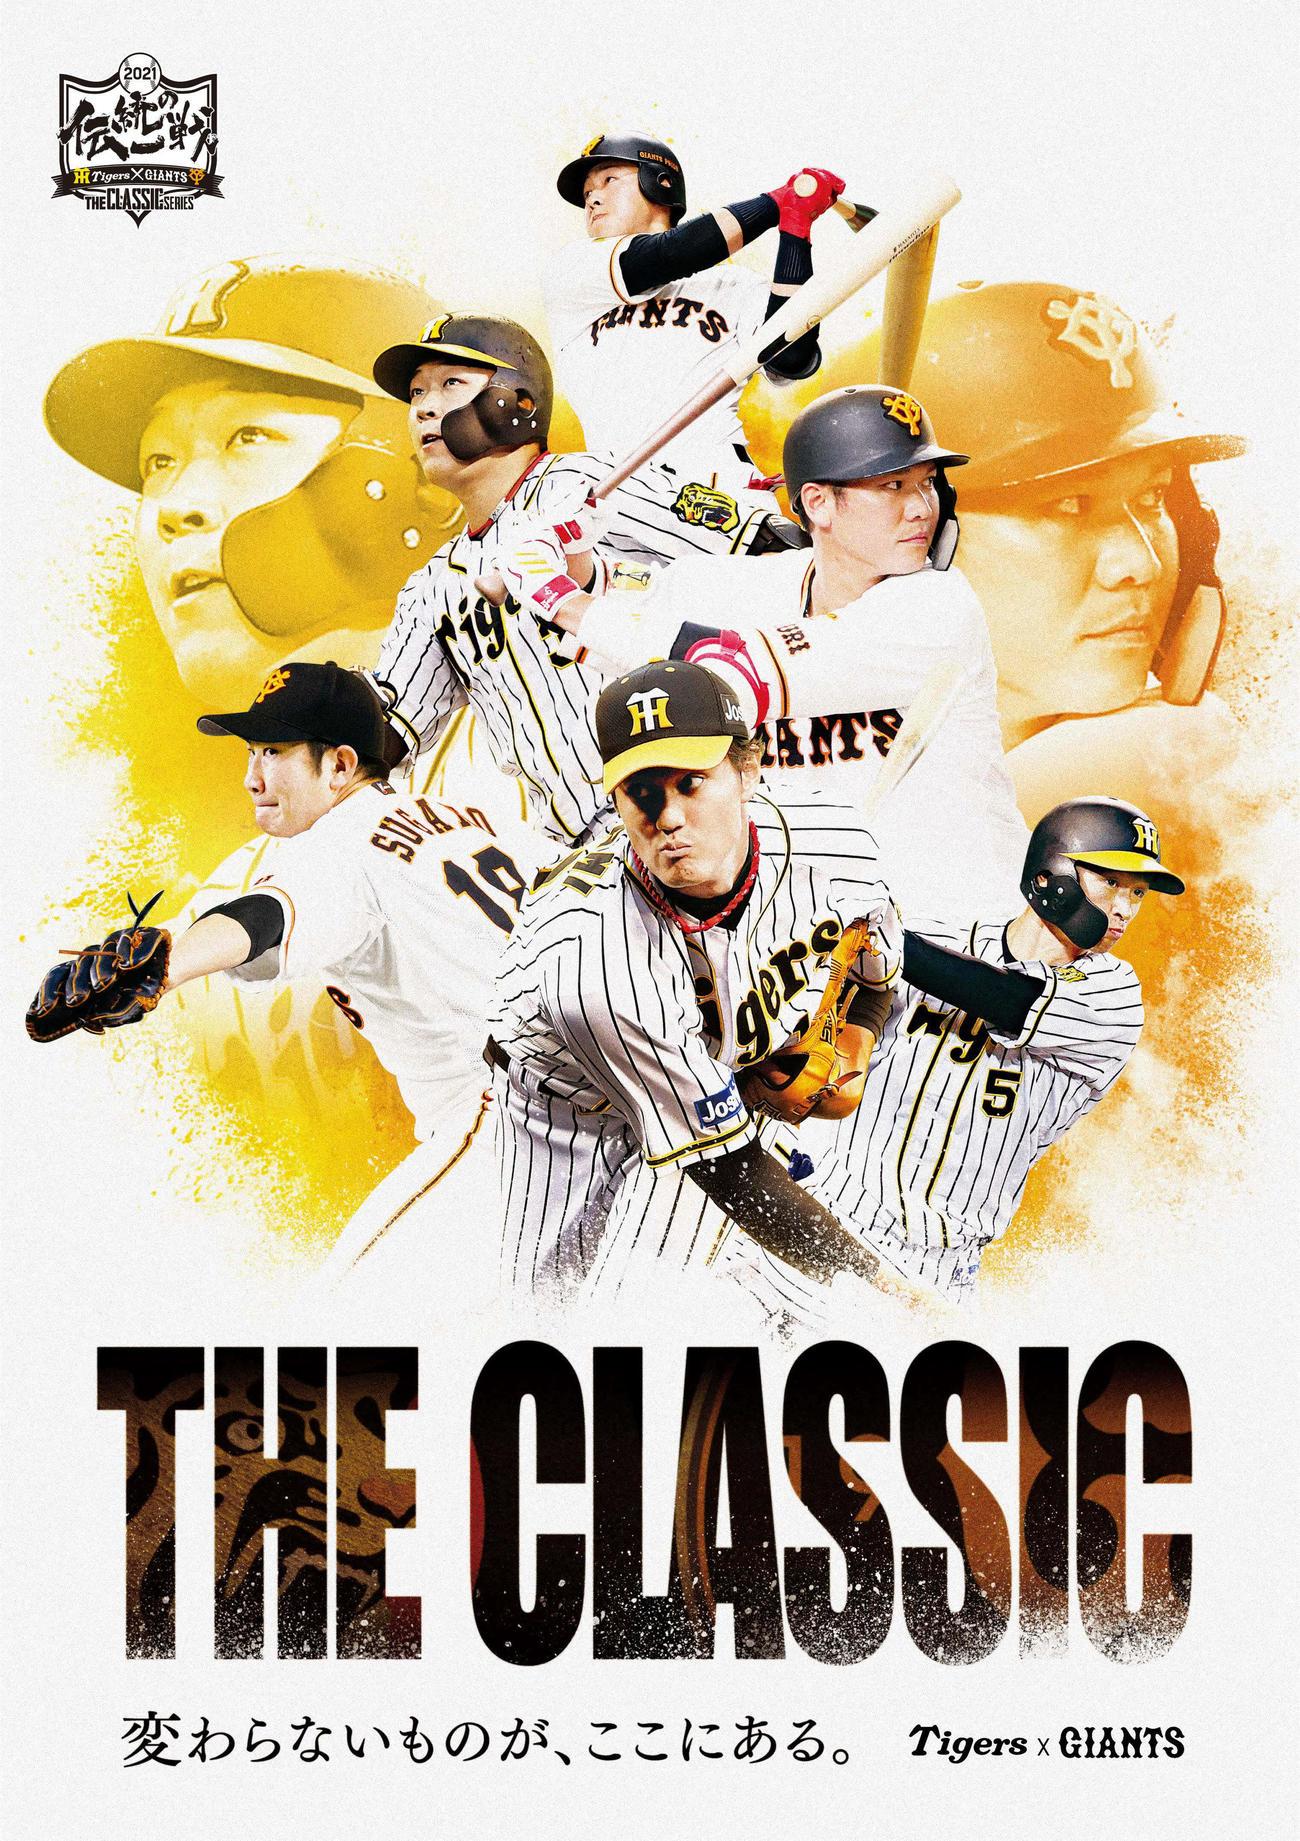 阪神タイガース・読売ジャイアンツ共同プロジェクト「伝統の一戦~THE CLASSIC SERIES~」2021年共通ビジュアル(球団提供)